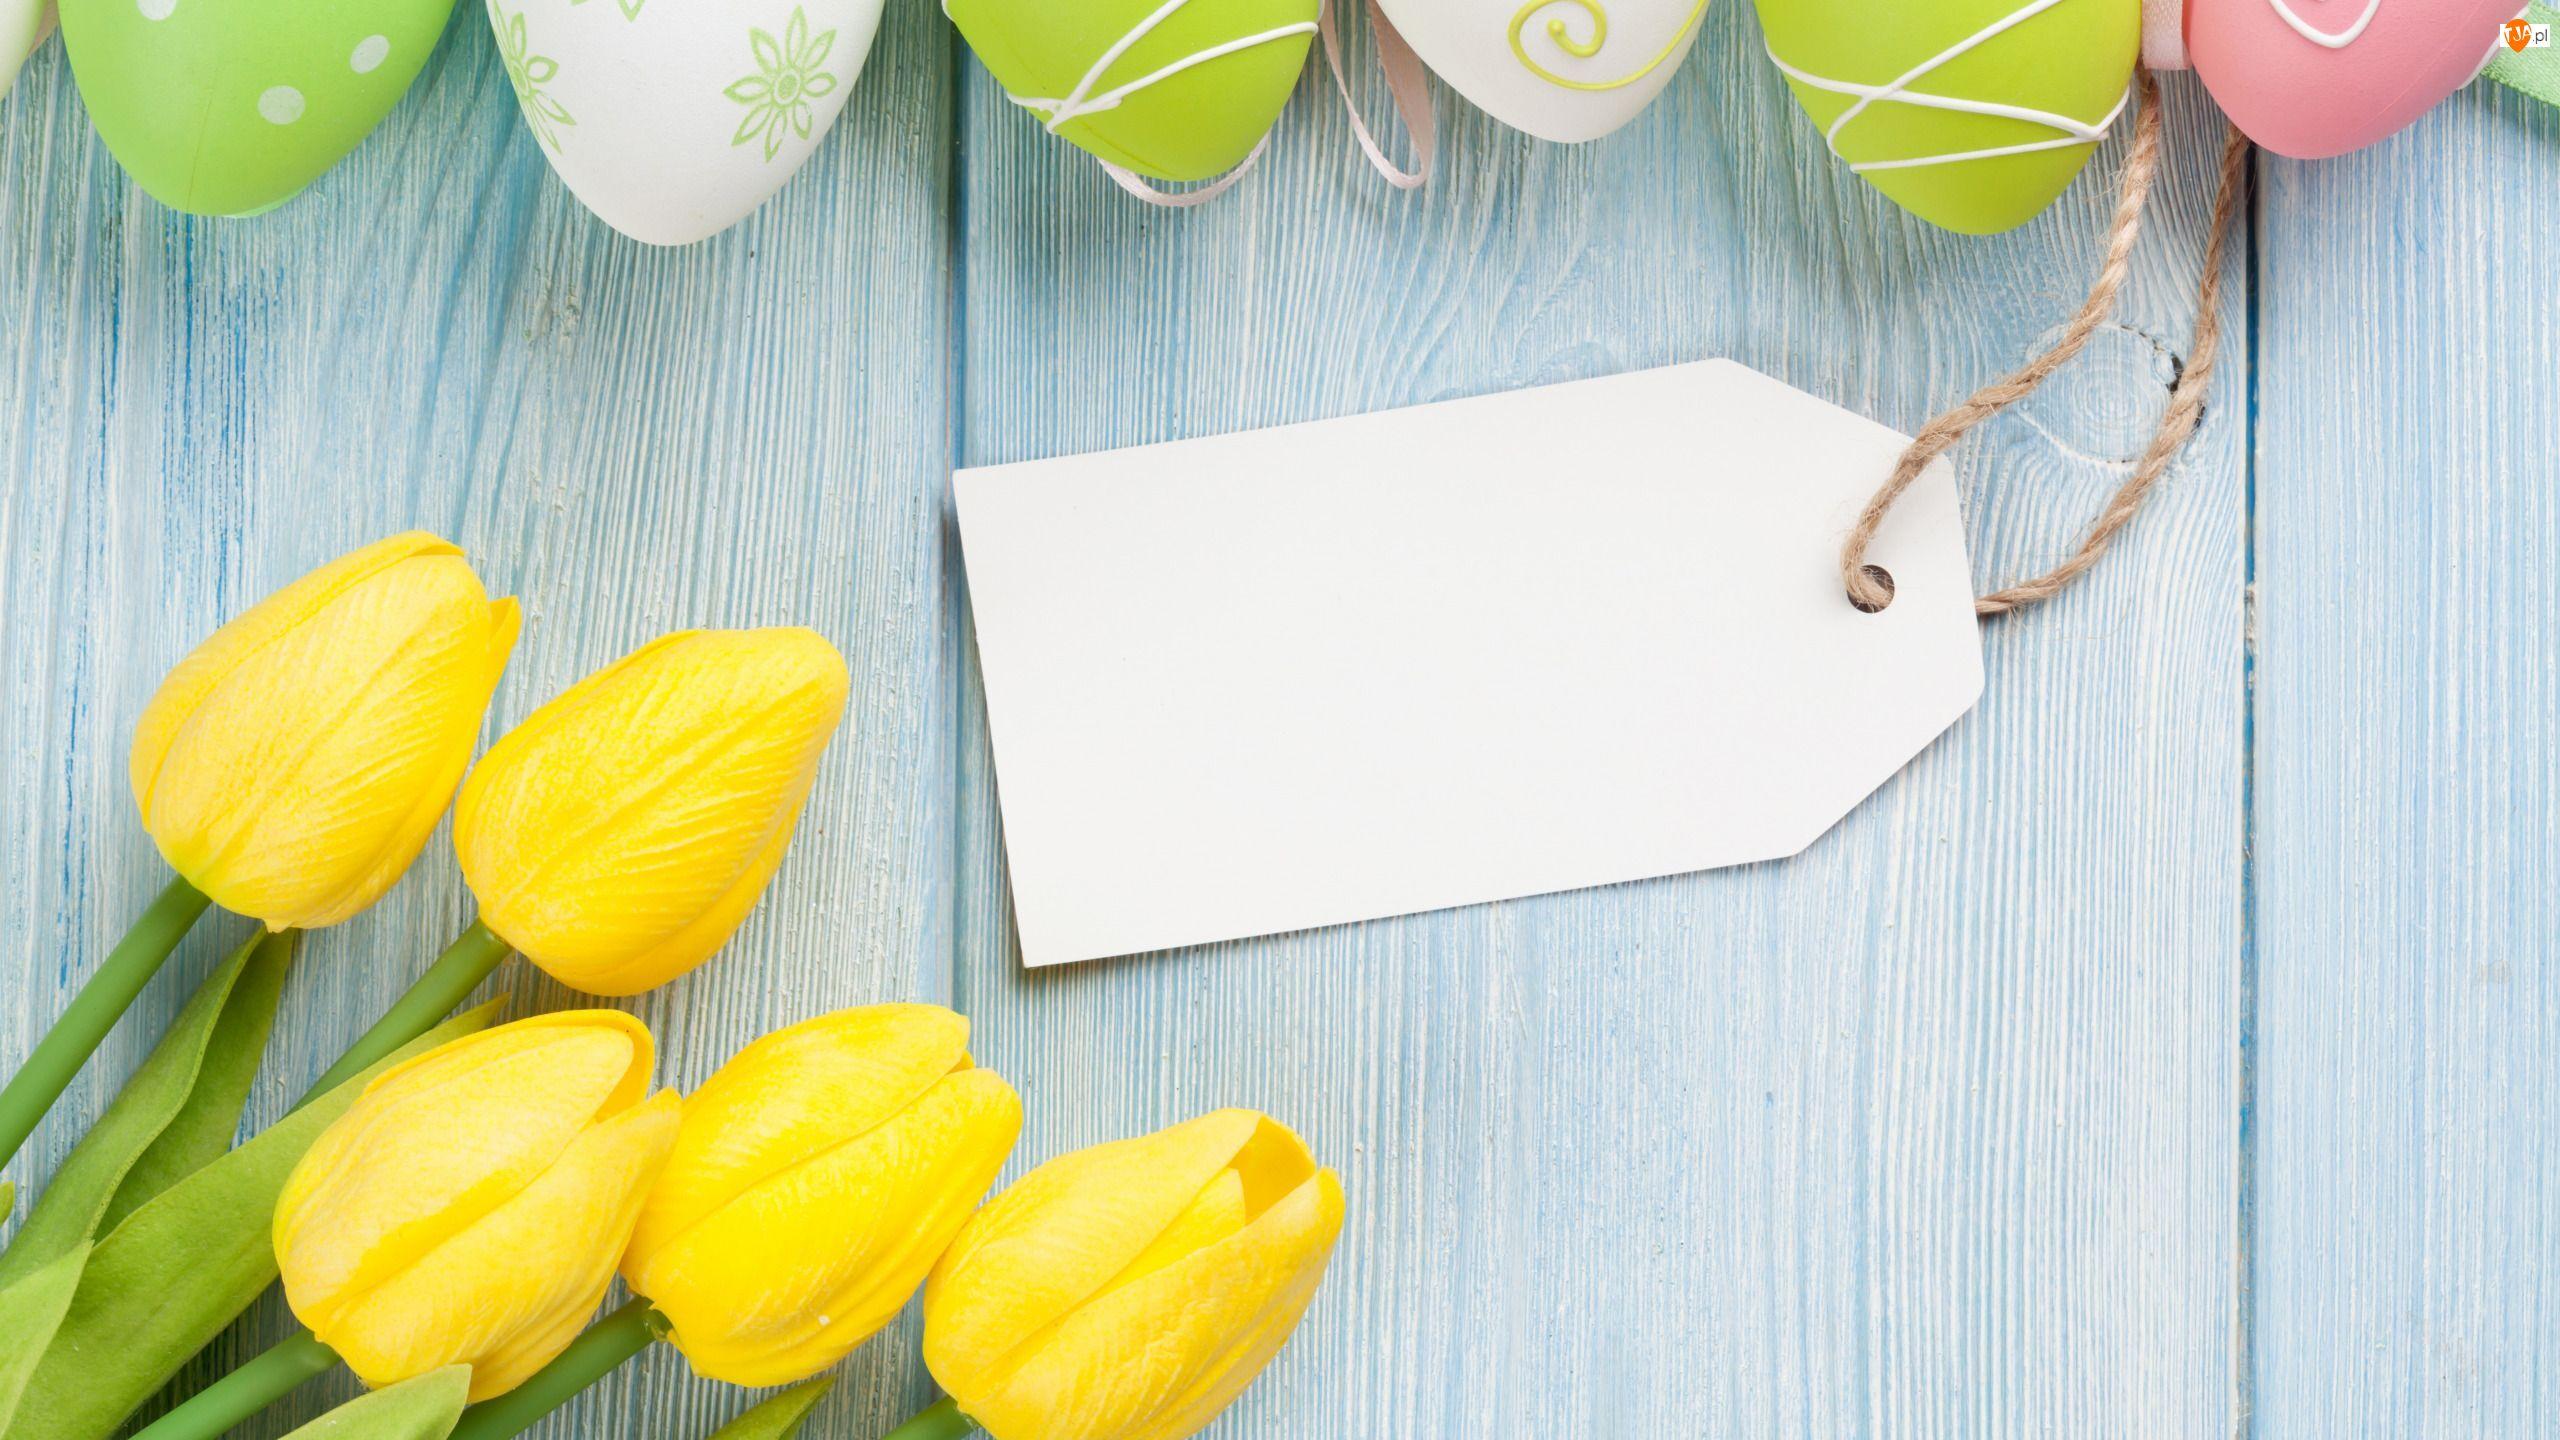 Tulipany, Kwiaty, Pisanki, Wielkanoc, Zawieszka, Jajeczka